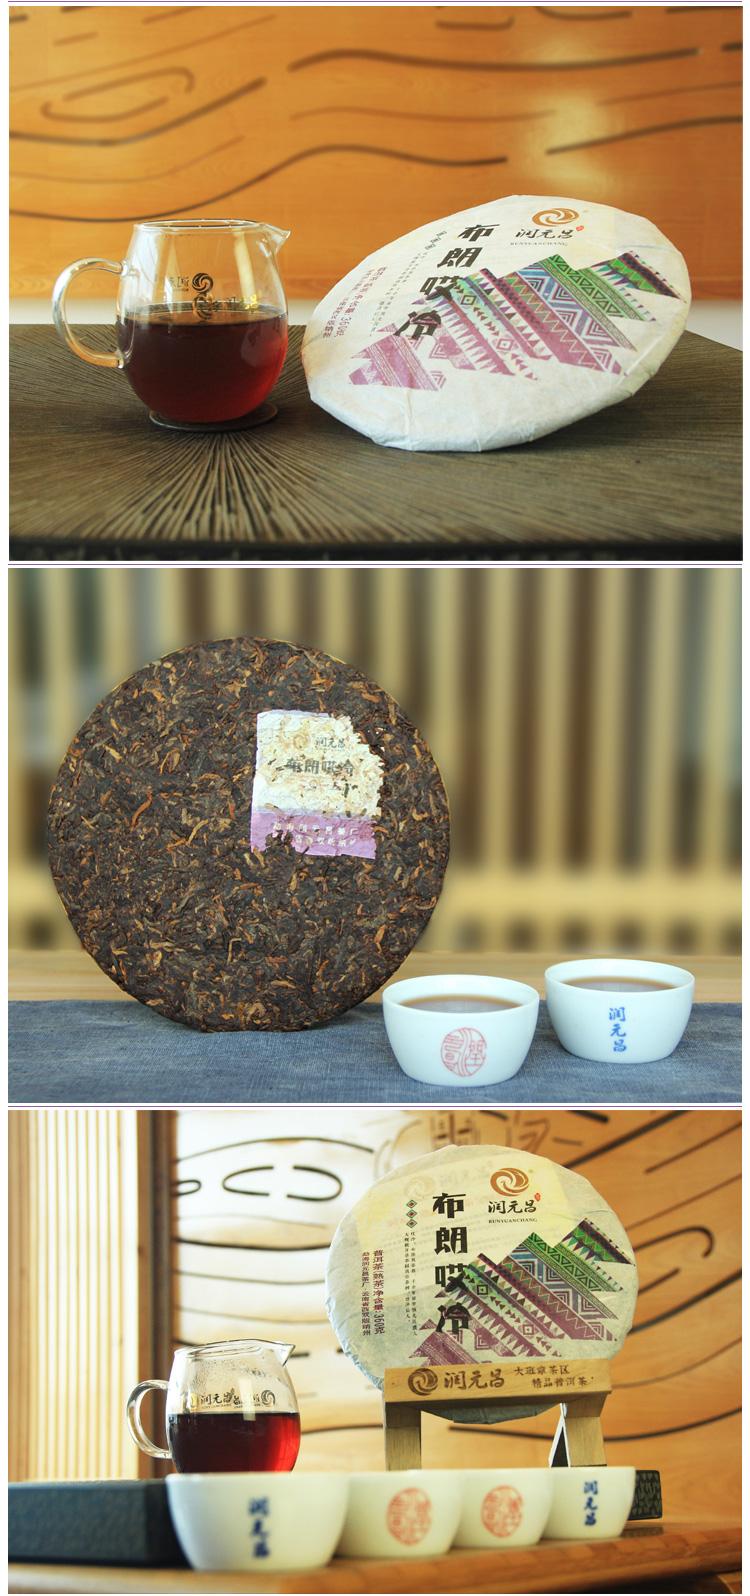 润元昌2015布朗哎冷普洱熟茶图片